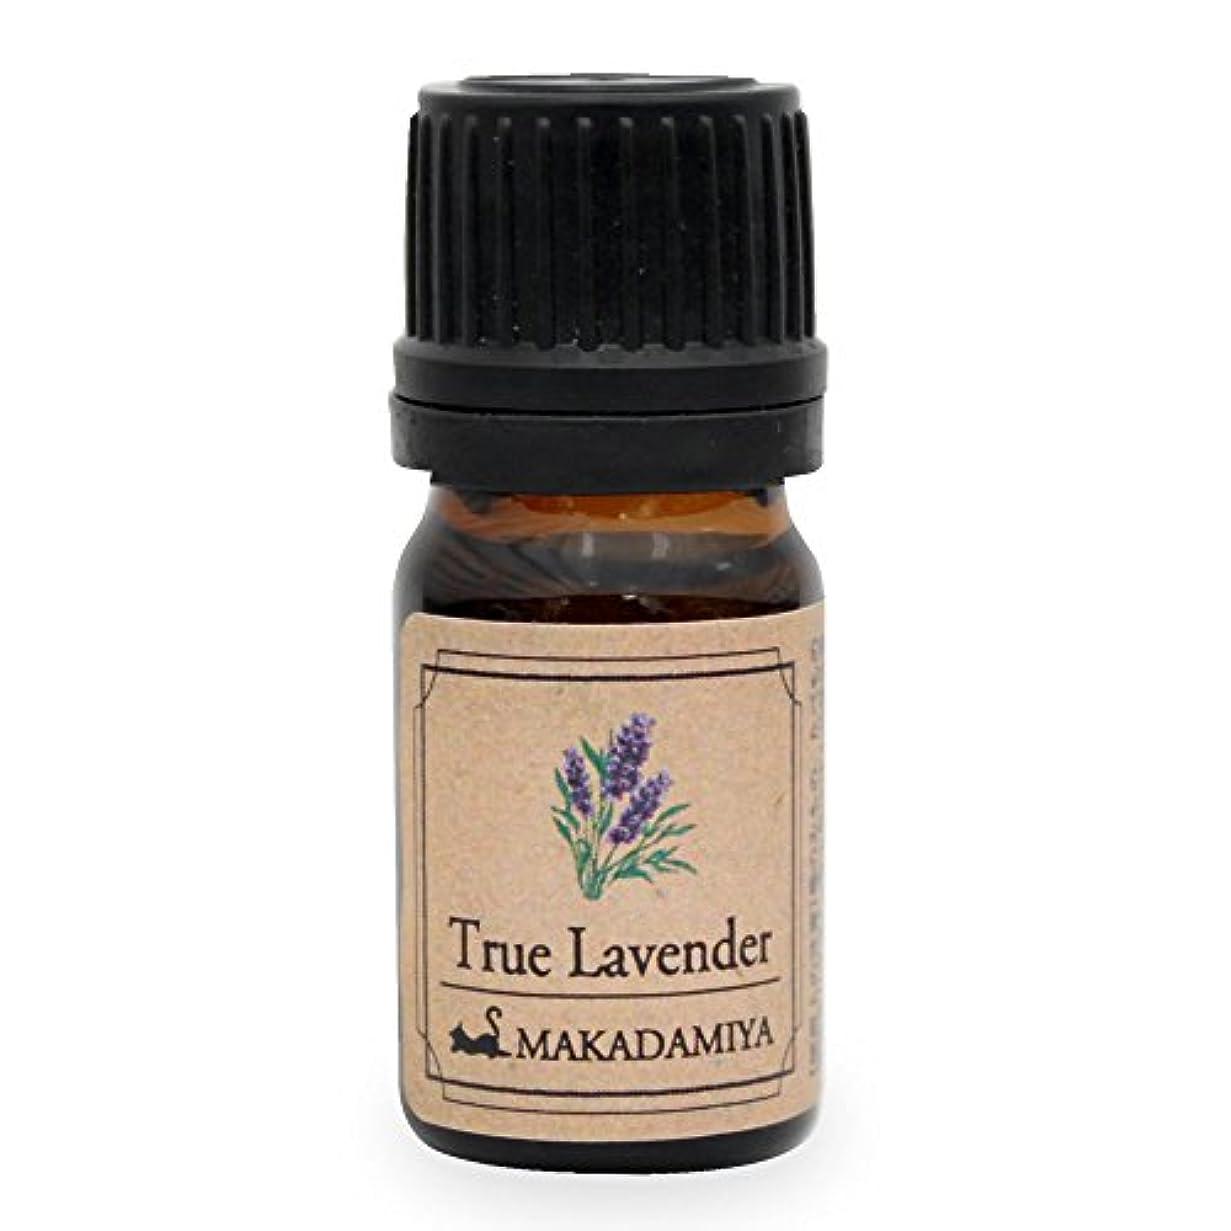 頑丈レンチ支払い真正ラベンダー5ml 天然100%植物性 エッセンシャルオイル(精油) アロマオイル アロママッサージ aroma TrueLavender